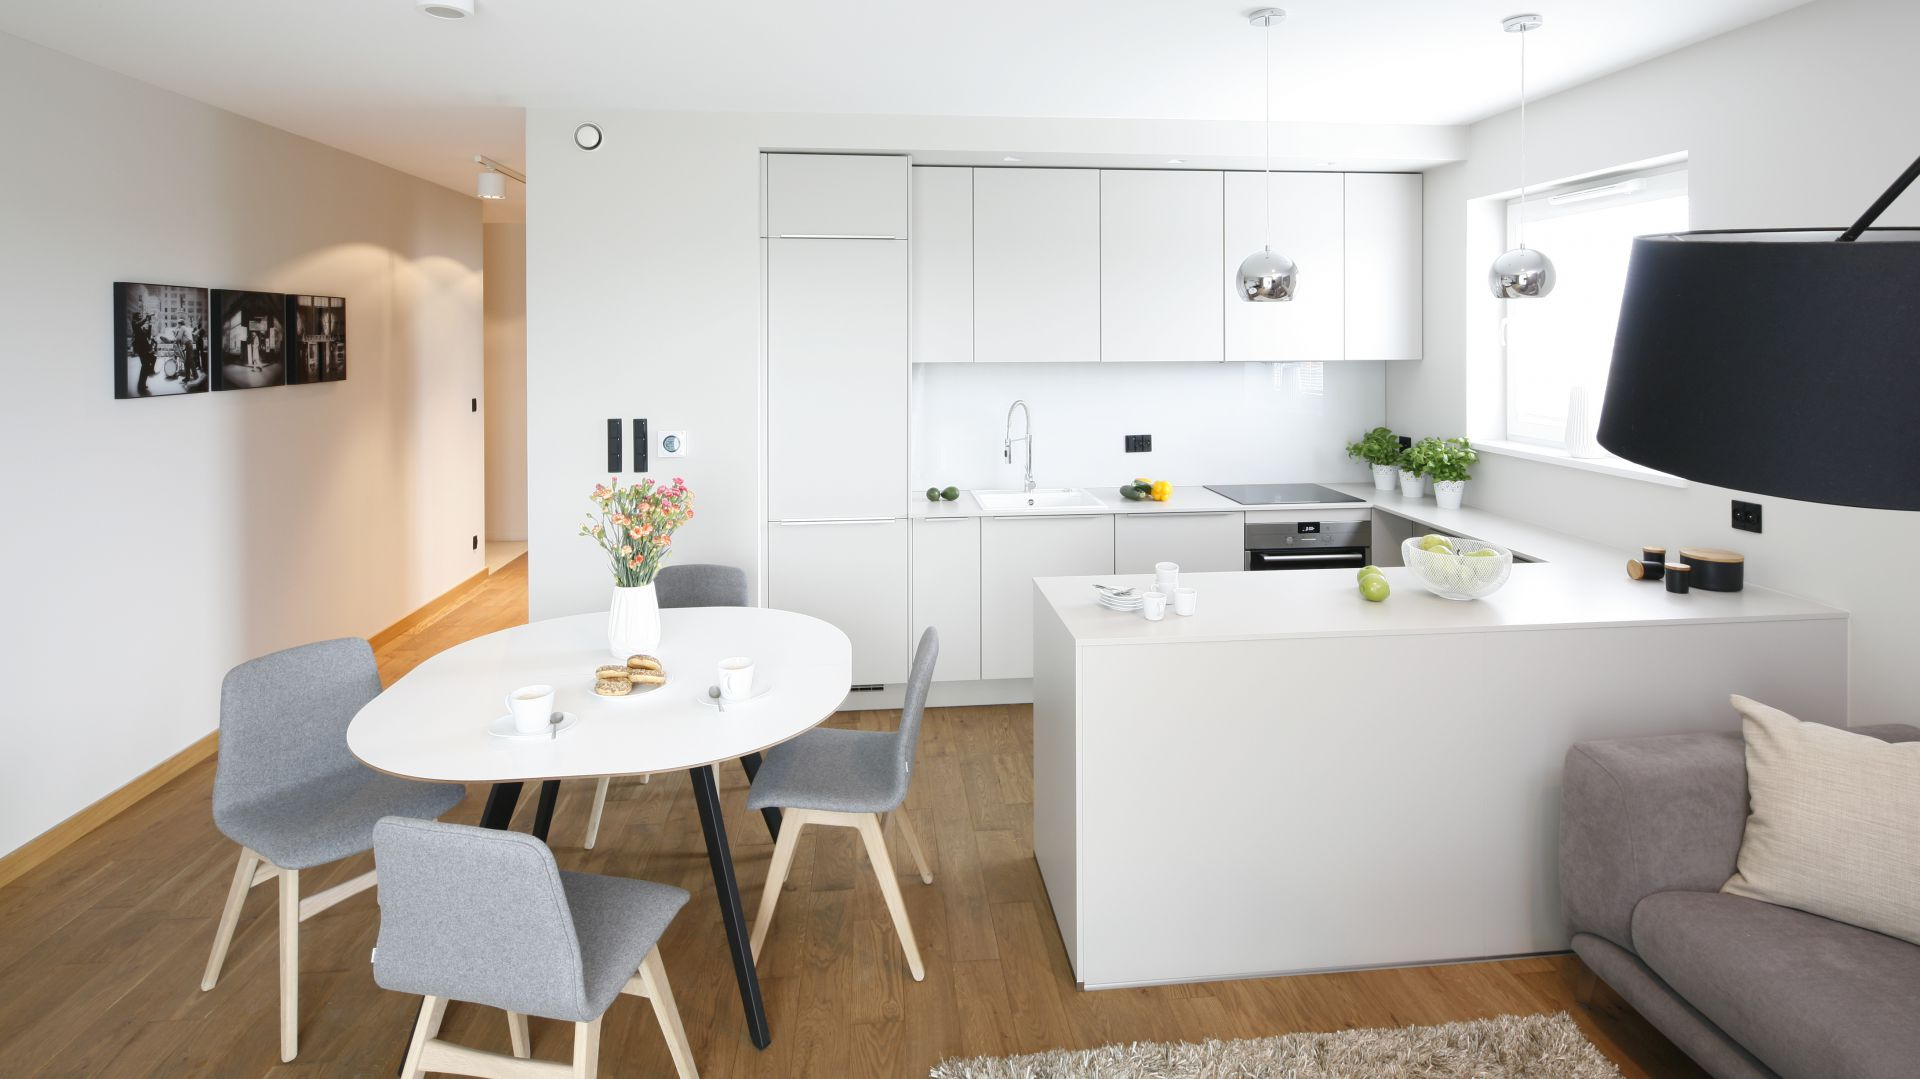 Kuchnia Otwarta Na Salon Piękny Projekt Wnętrza